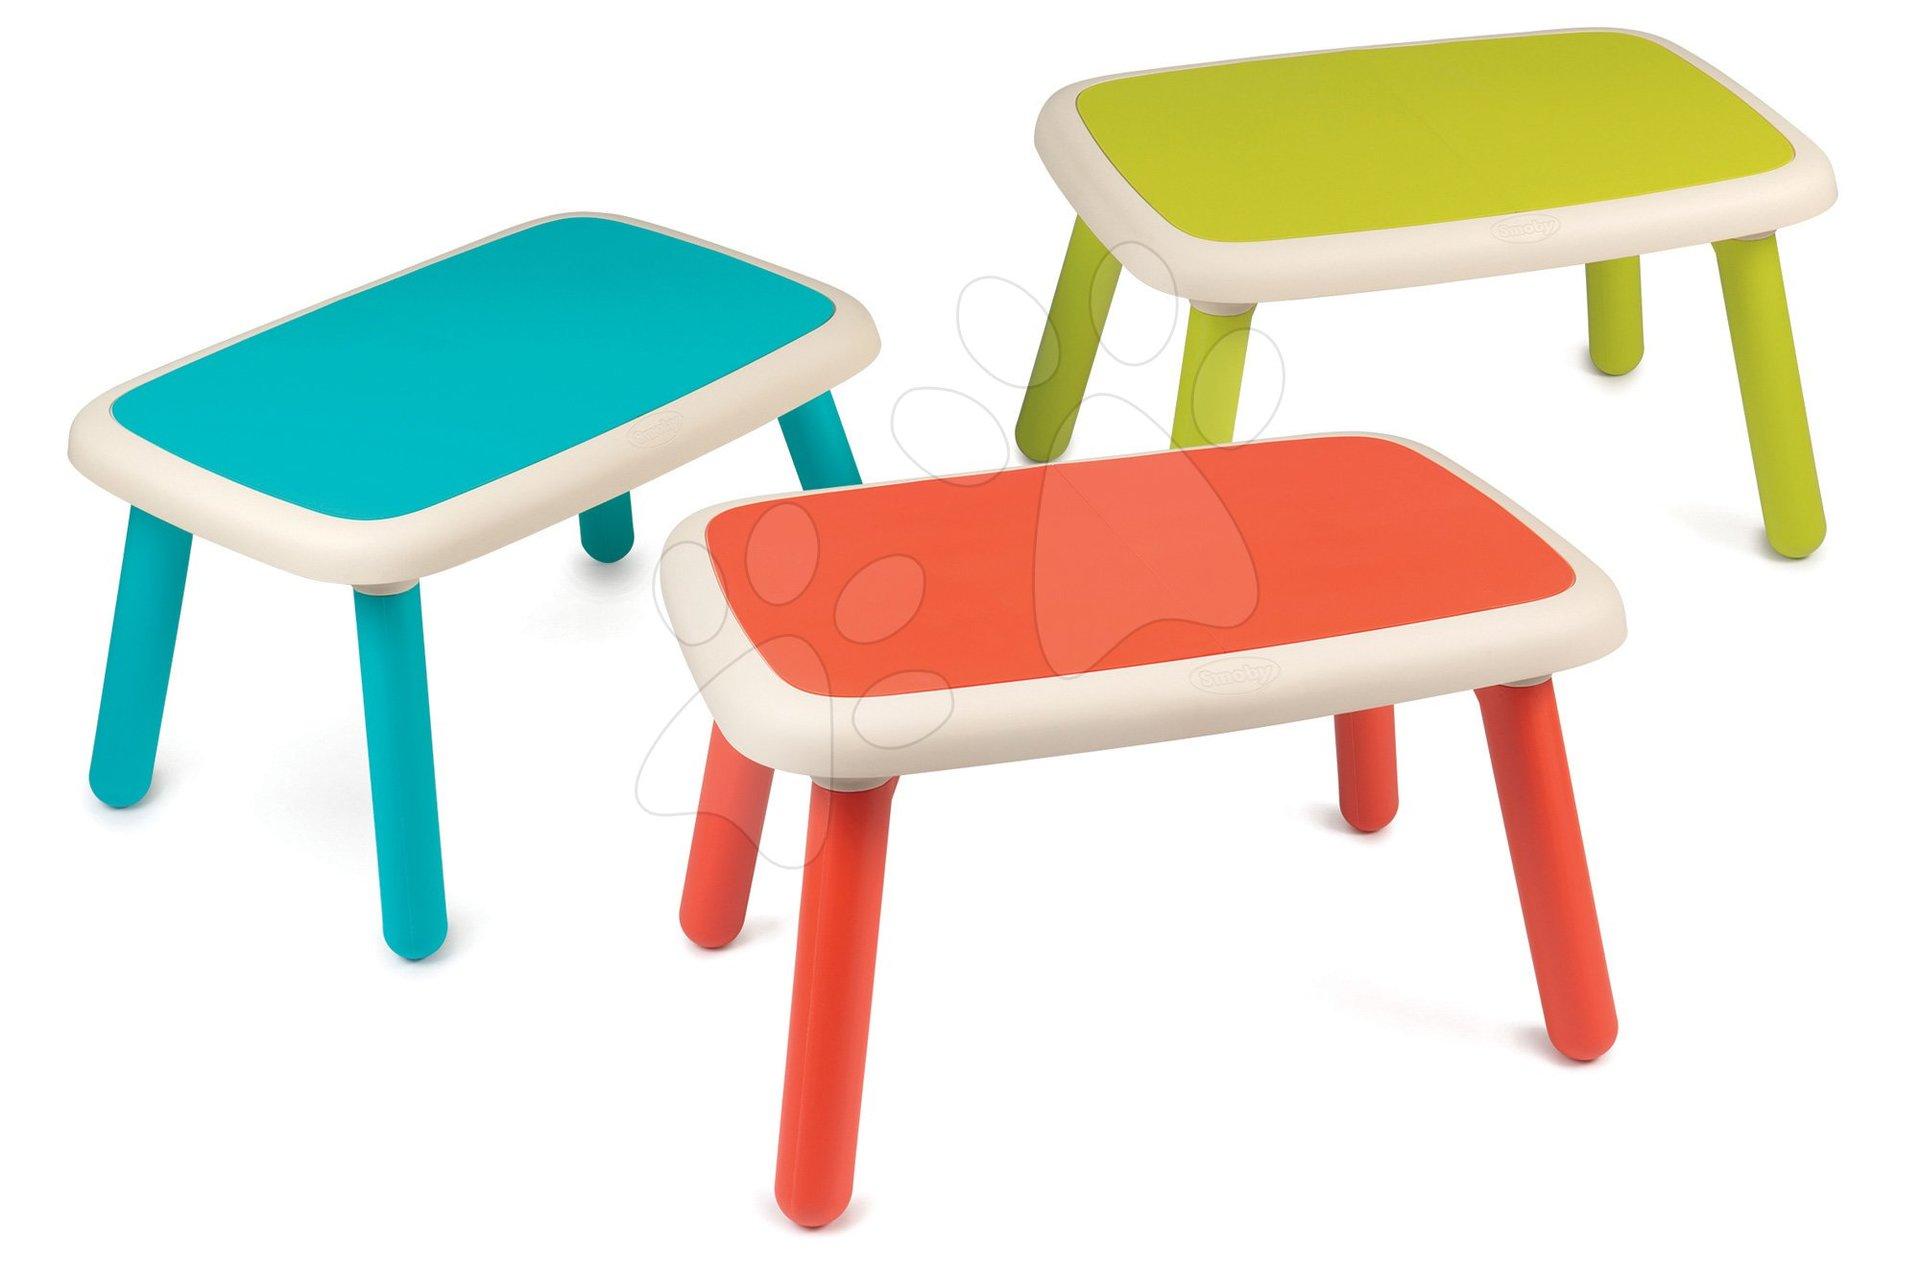 Smoby sada 3 stolov pre deti KidTable zelená/modrá/červená s UV filtrom 880400-1